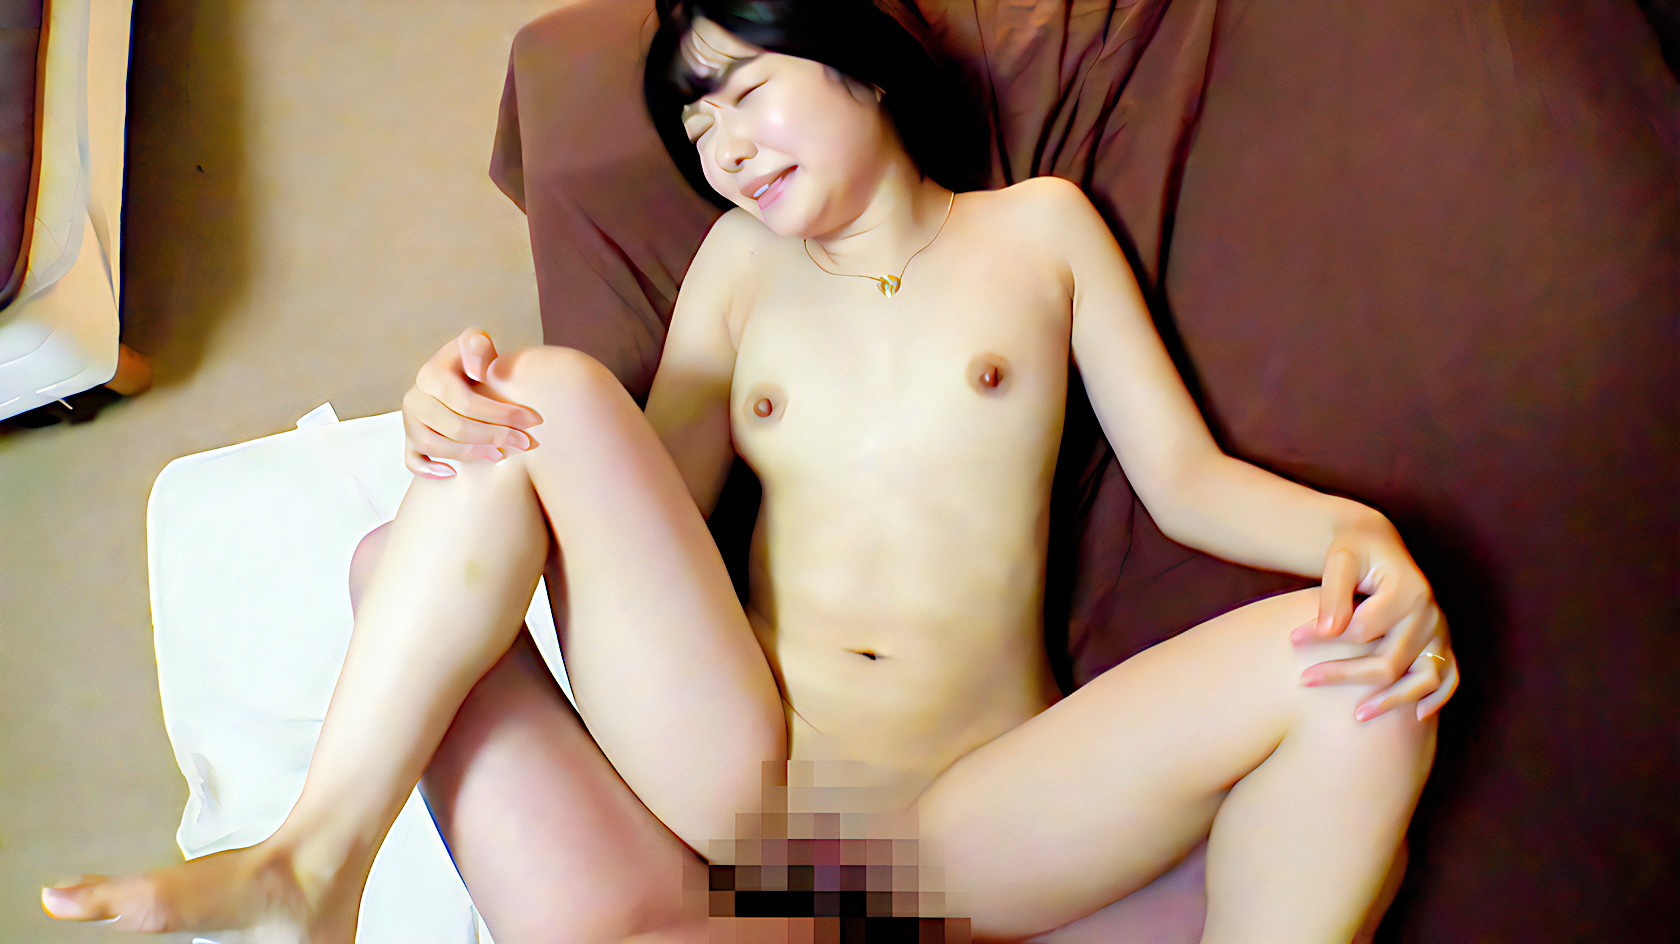 若妻人妻の正常位セックス